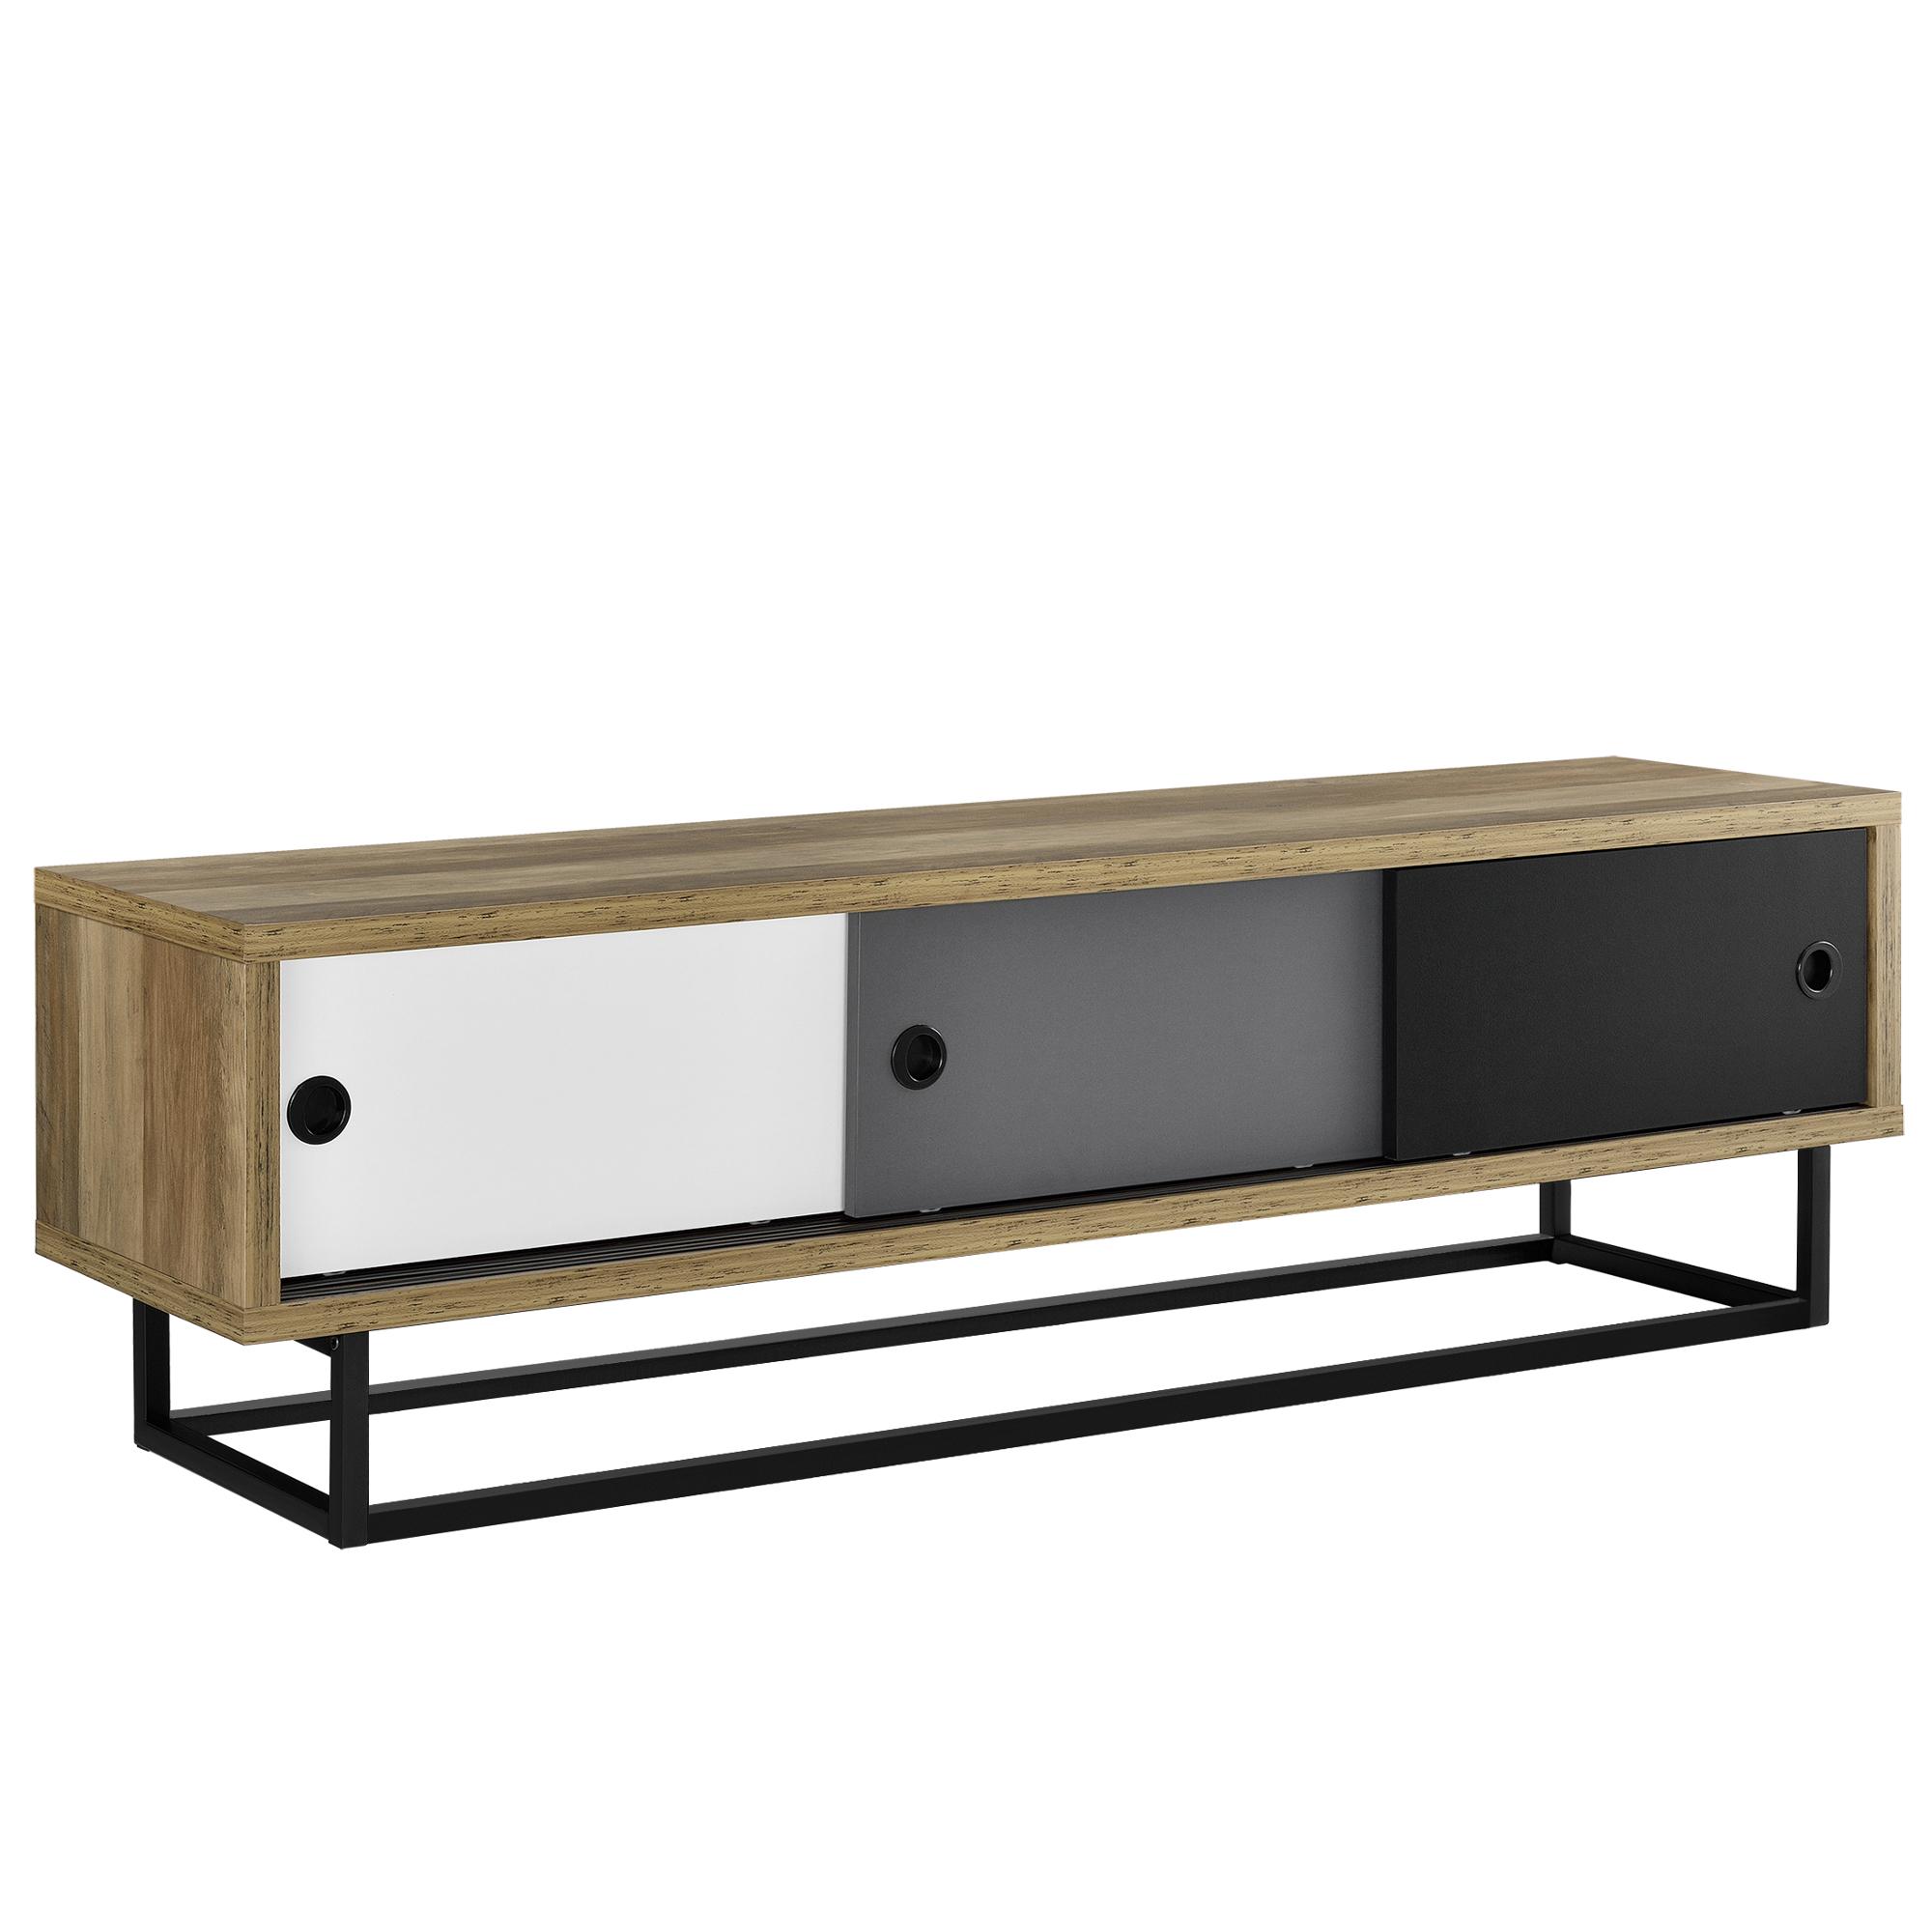 lowboard mit schiebet ren fernsehtisch kommode tv schrank sideboard ebay. Black Bedroom Furniture Sets. Home Design Ideas